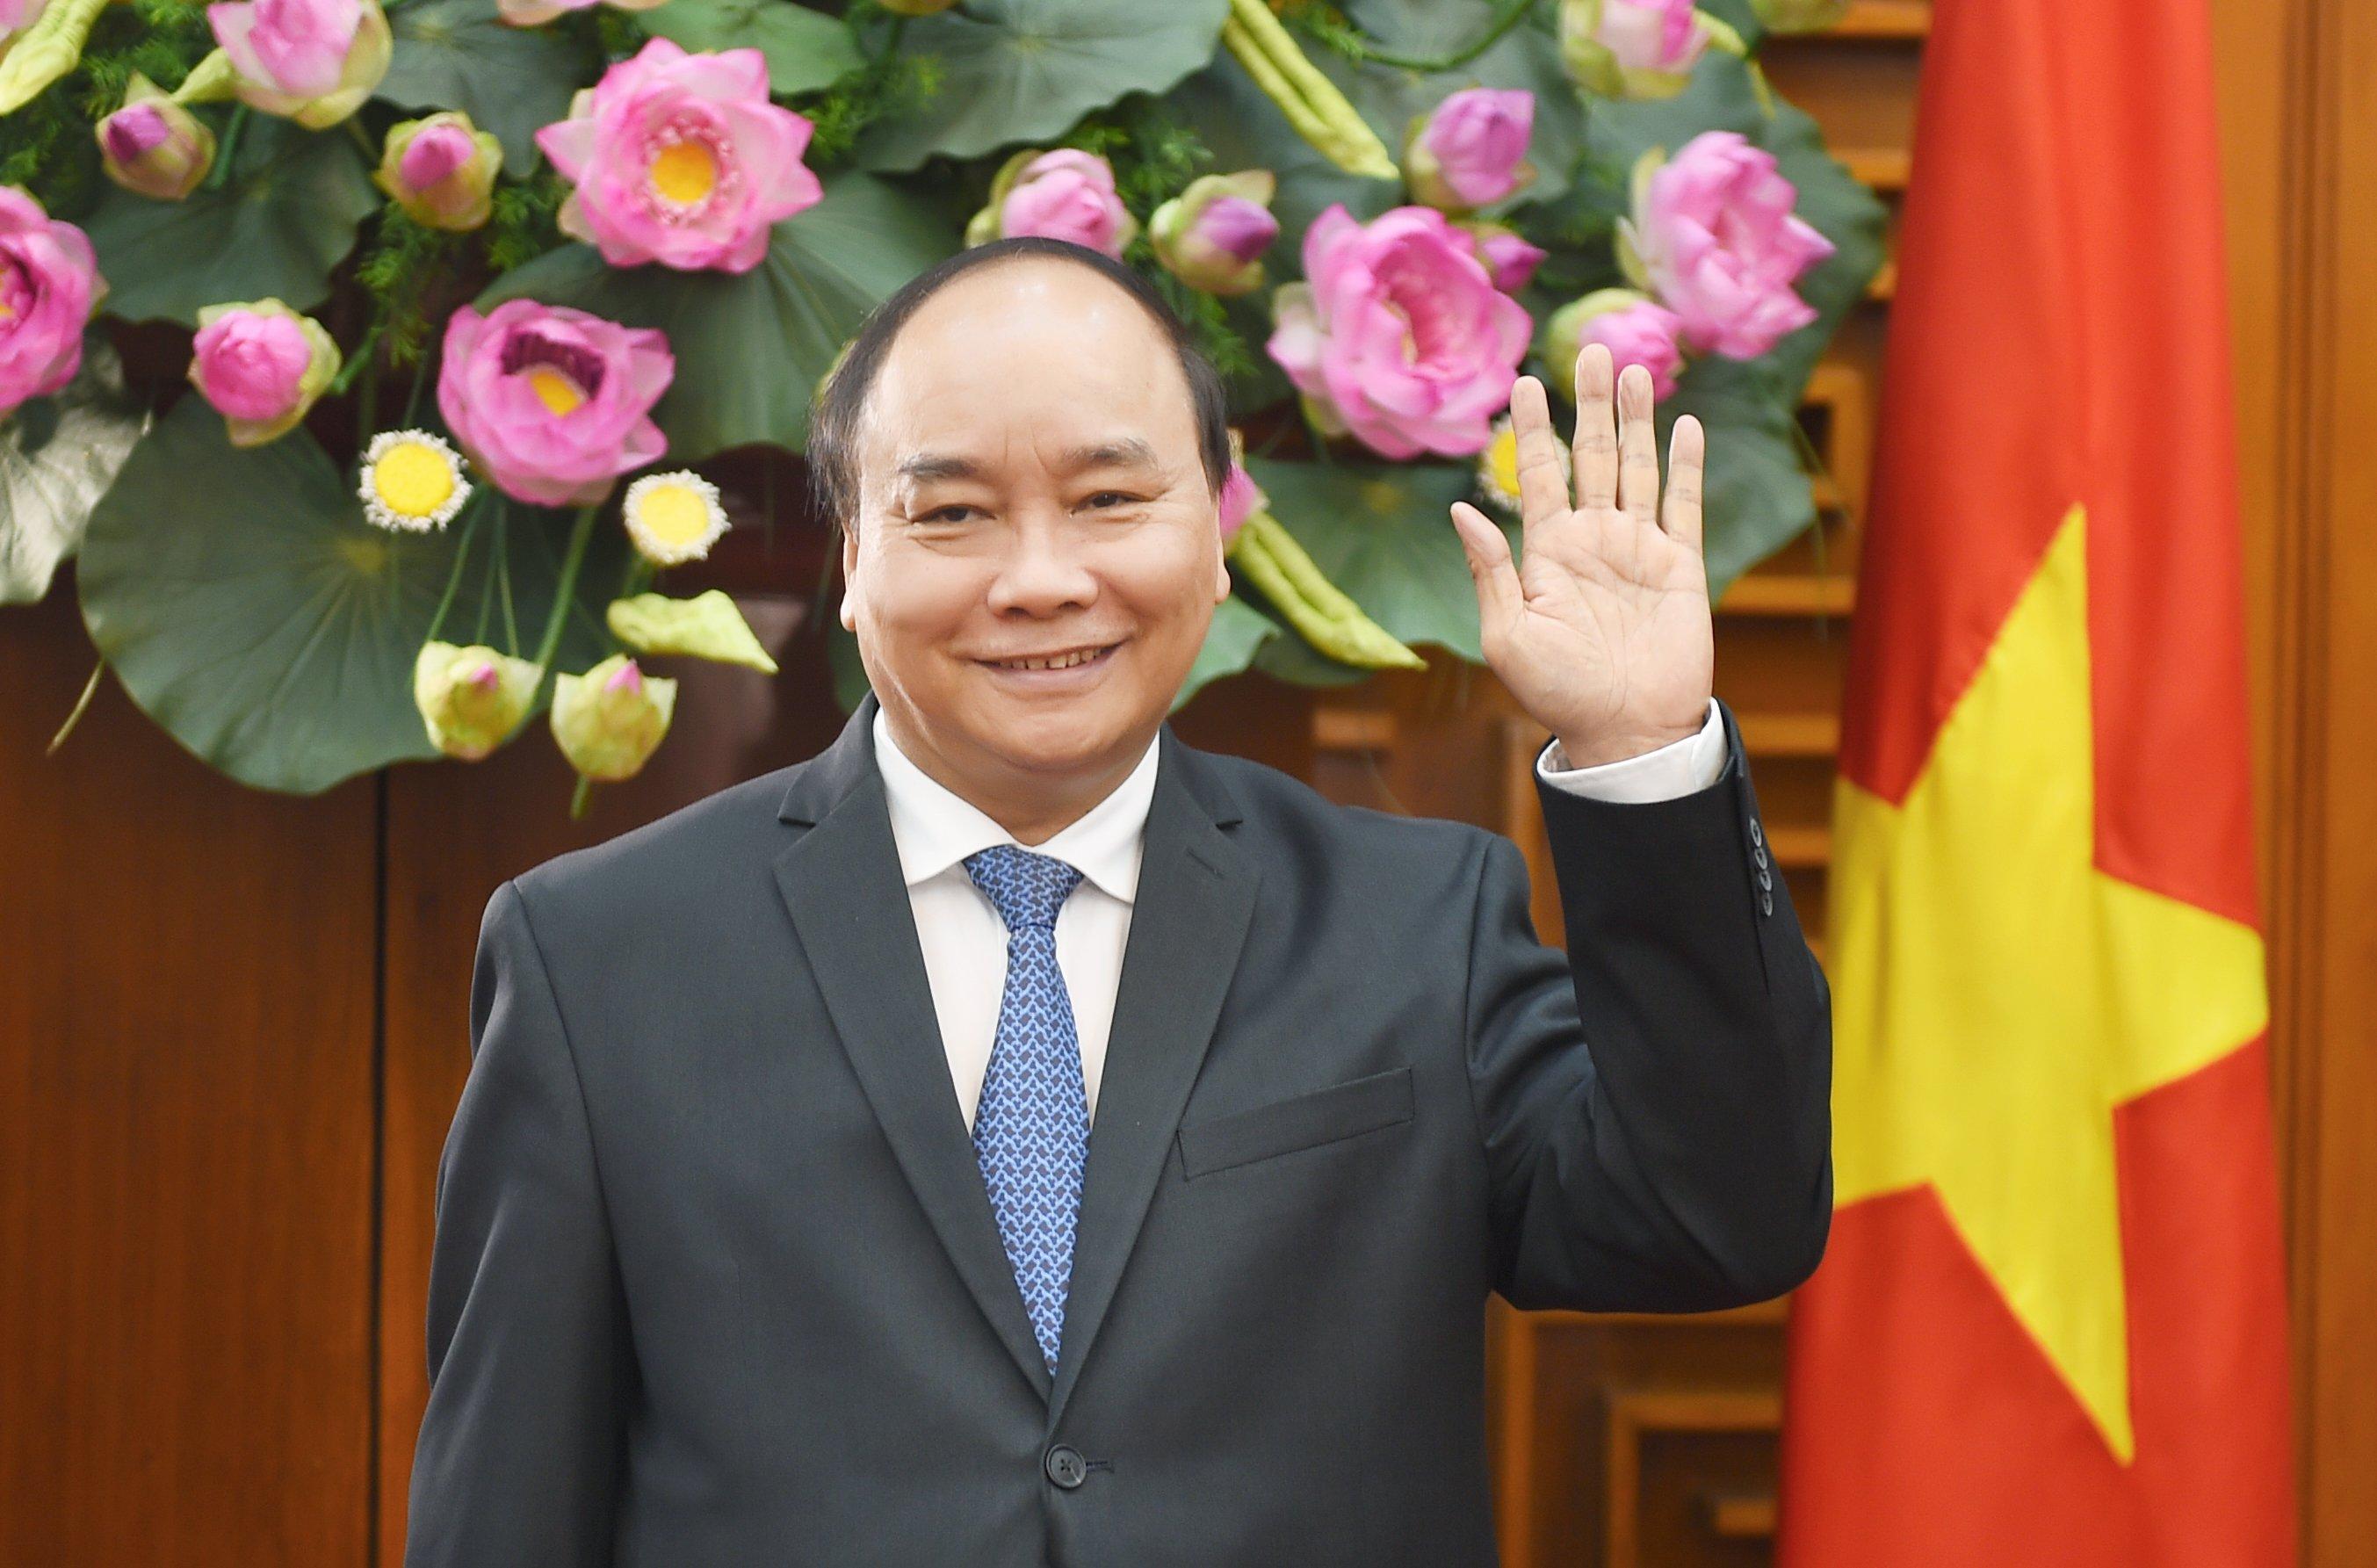 Thong diep cua Thu tuong Nguyen Xuan Phuc tren to Washington Times hinh anh 1